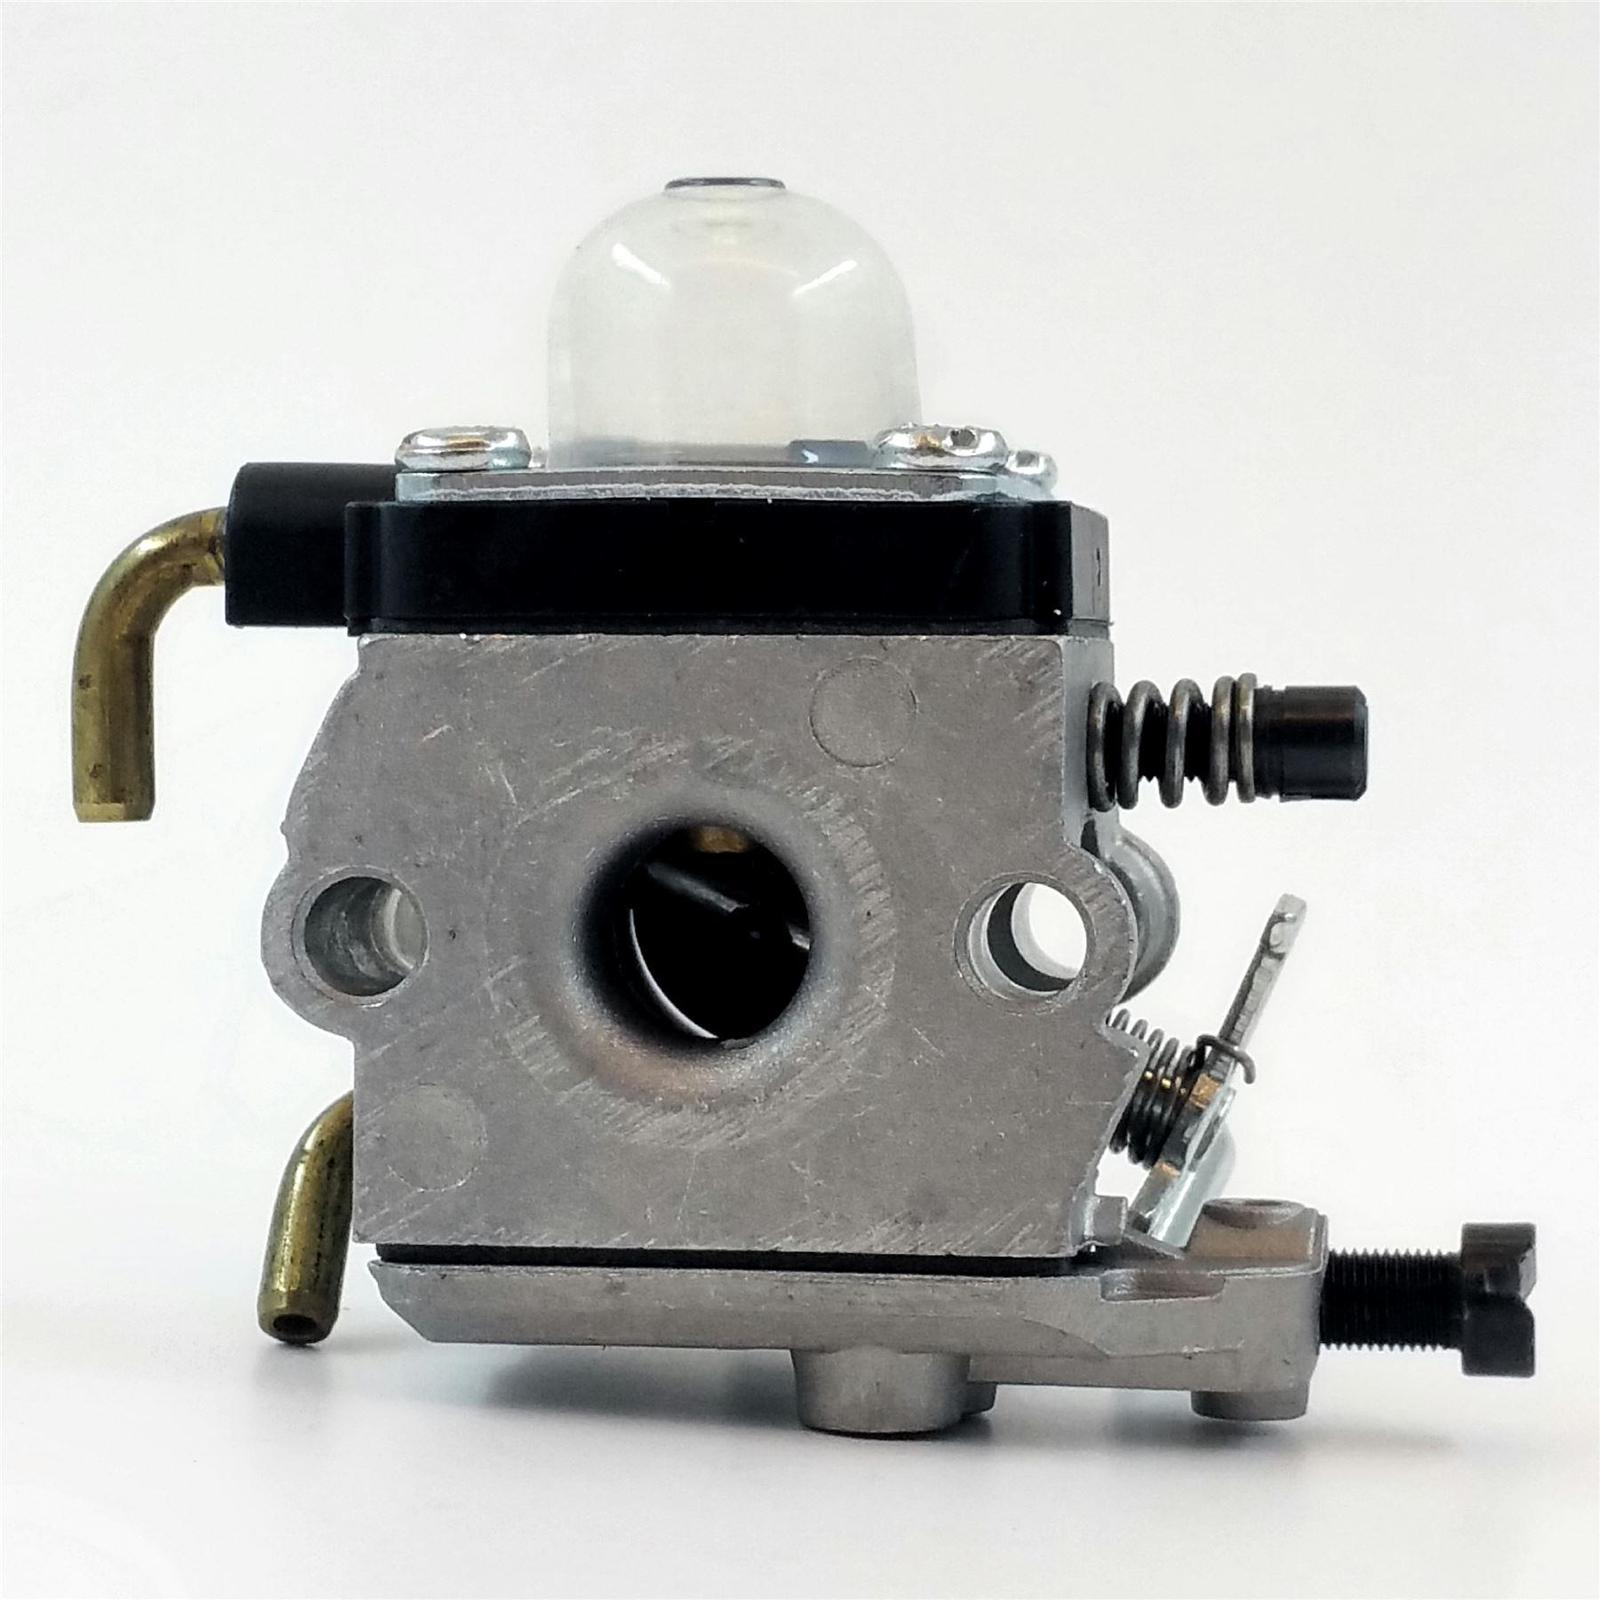 Carburetor for STIHL HS75, HS80, HS85 Hedge Trimmers C1Q-S42B